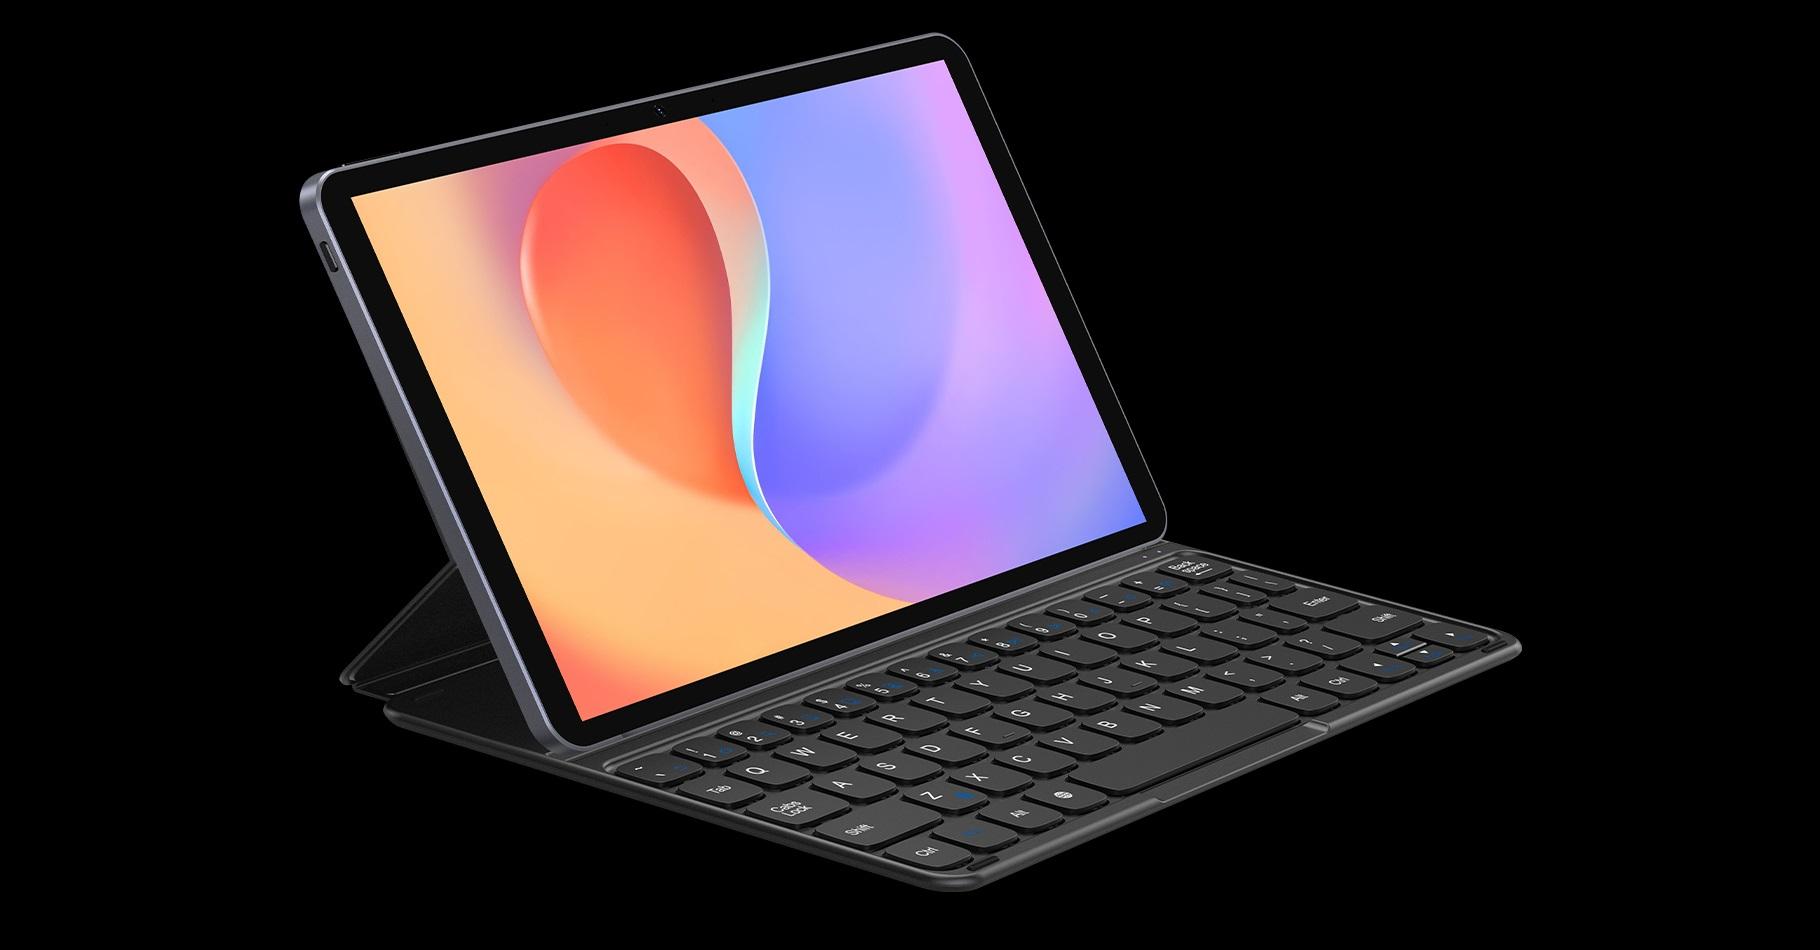 Chuwi HiPad Air tablet